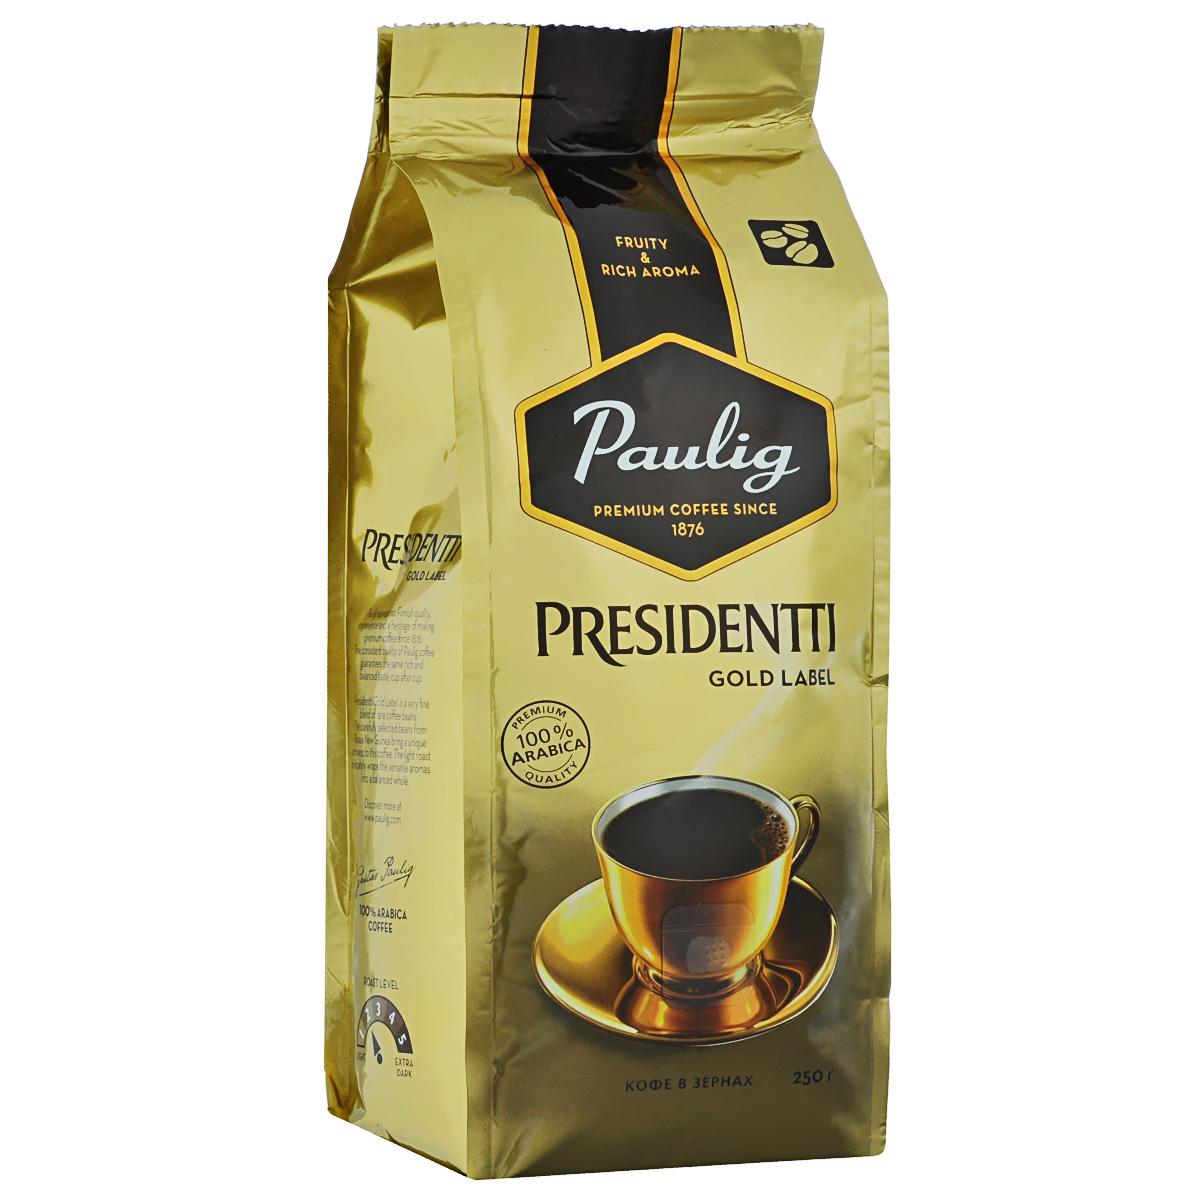 Paulig Presidentti Gold Label кофе в зернах, 250 г101246Paulig Presidentti Gold Label - уникальный кофе, приготовленный из смеси редких кофейных зерен. Тщательно отобранные кофейные зерна из Папуа – Новой Гвинеи дарят напитку мягкий, бархатистый вкус. Благодаря легкой обжарке достигается богатый, неповторимый аромат.